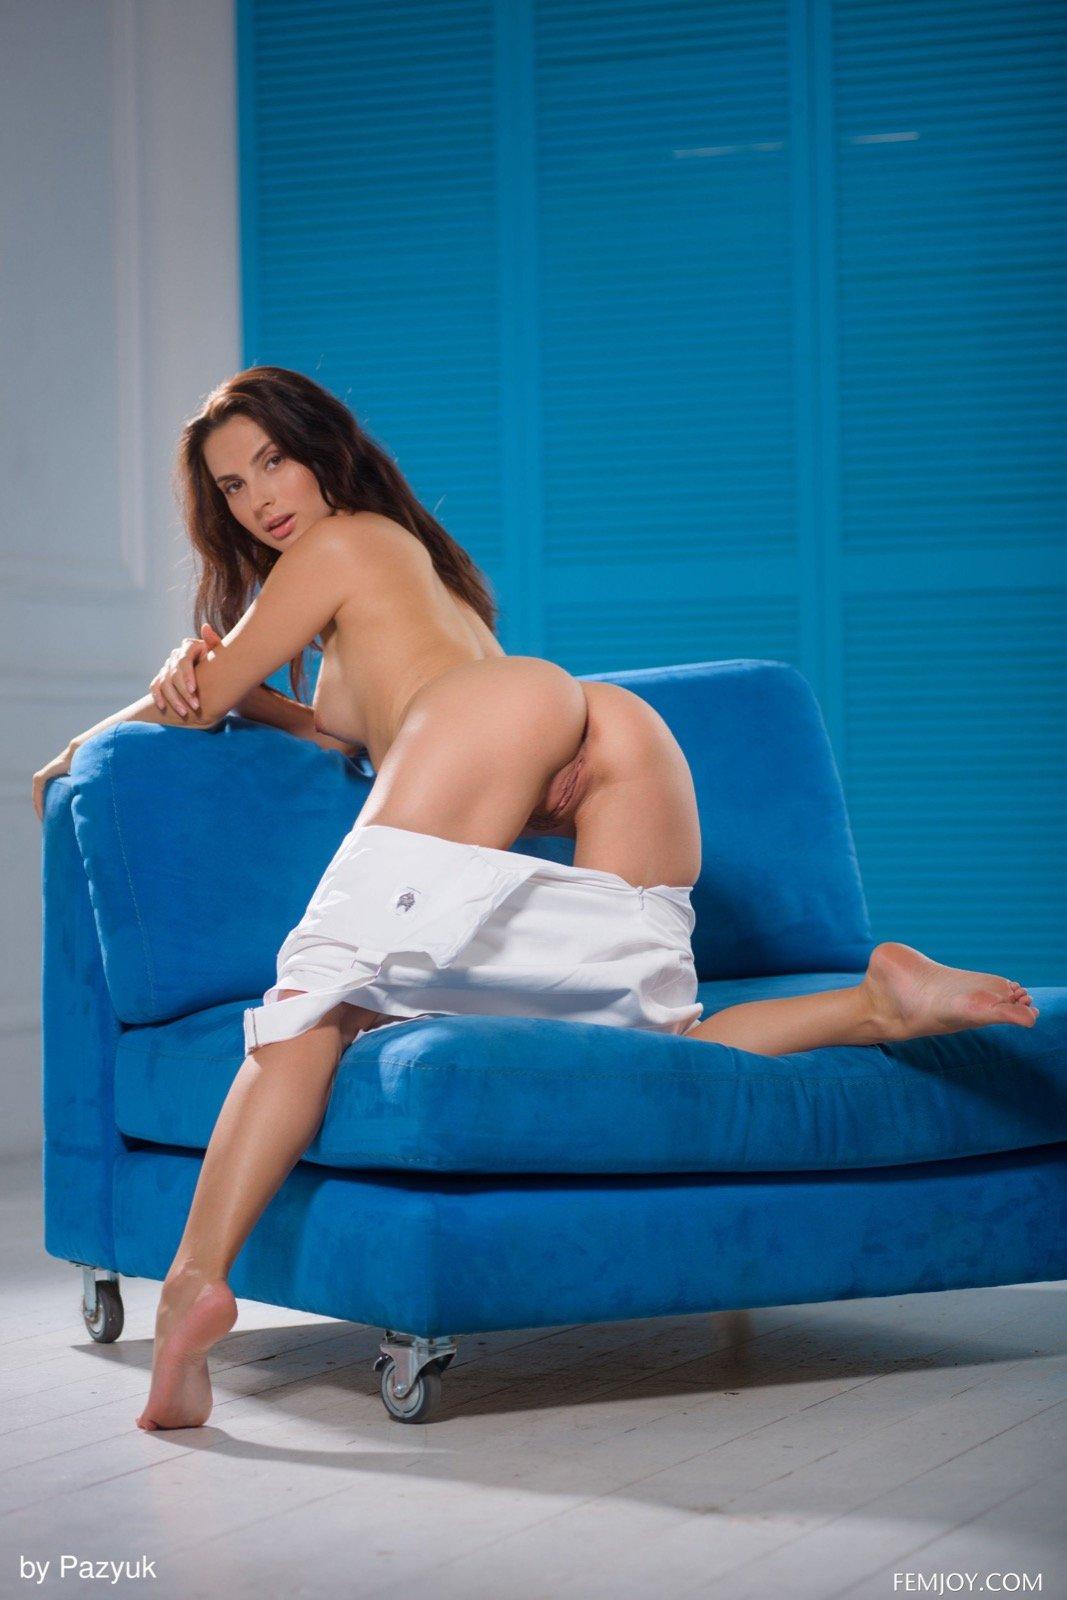 Красавица стаскивает платье и блистает нагая на диванчике